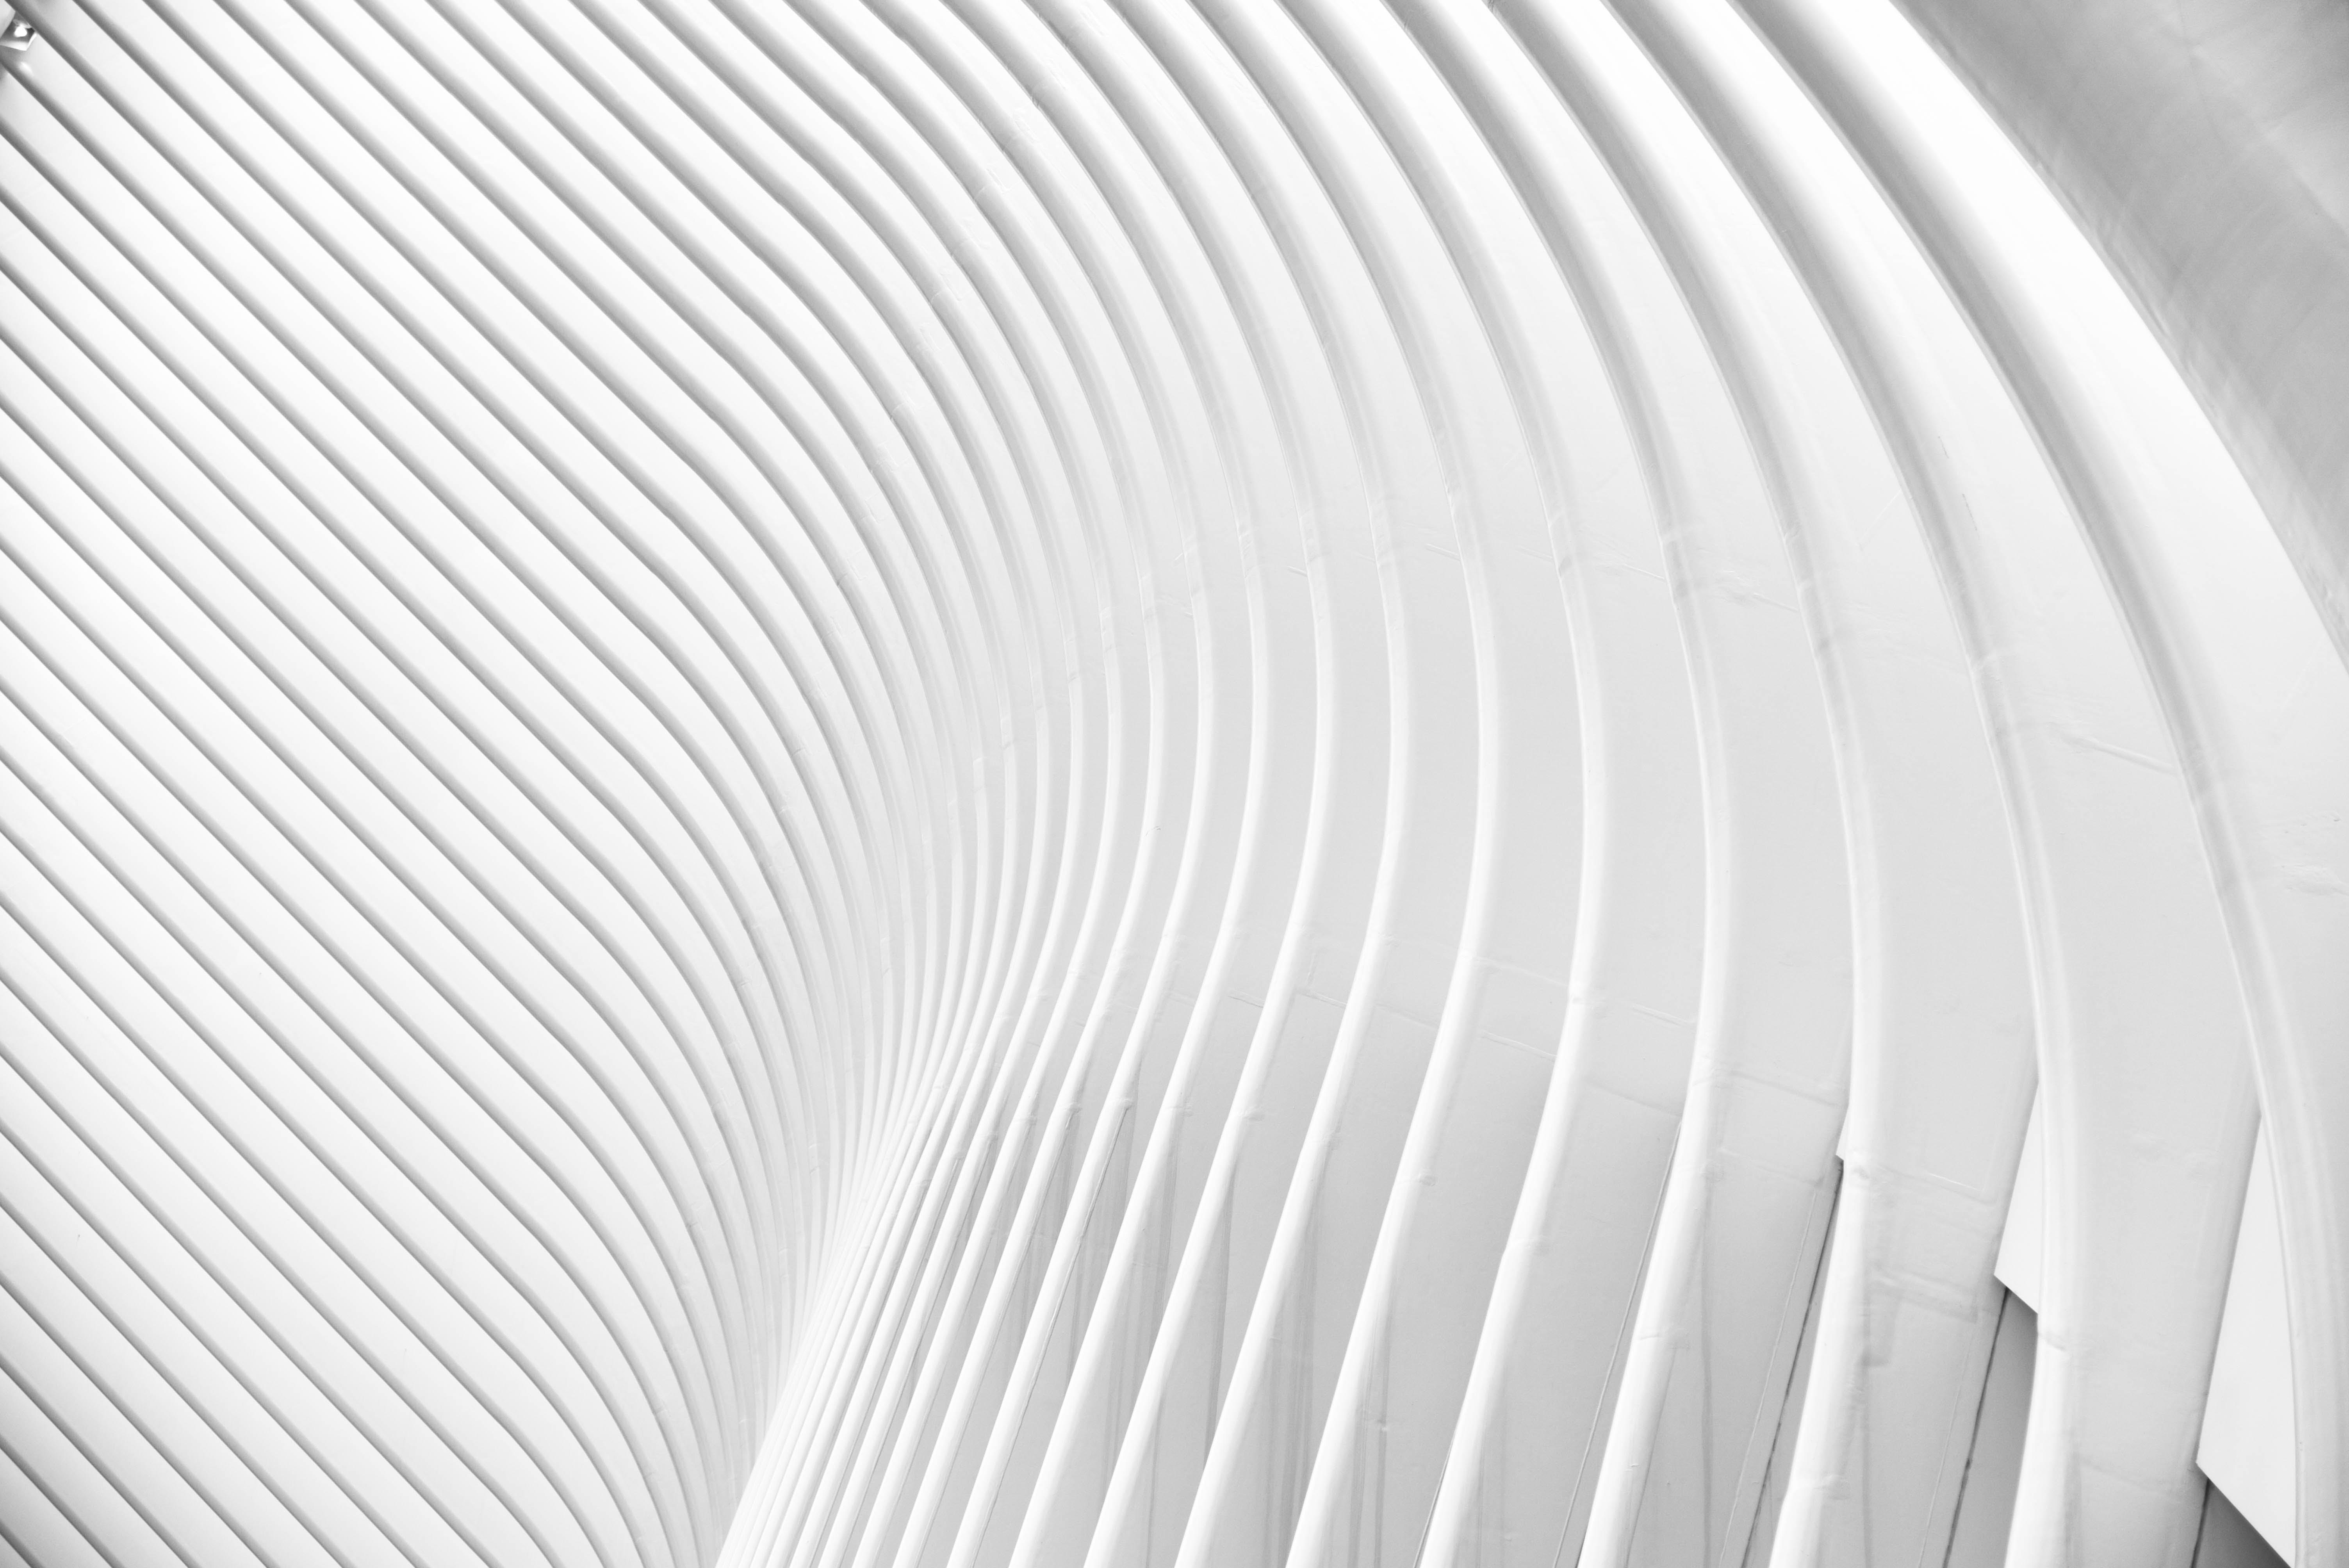 건축, 곡선, 디자인, 미니멀리즘의 무료 스톡 사진